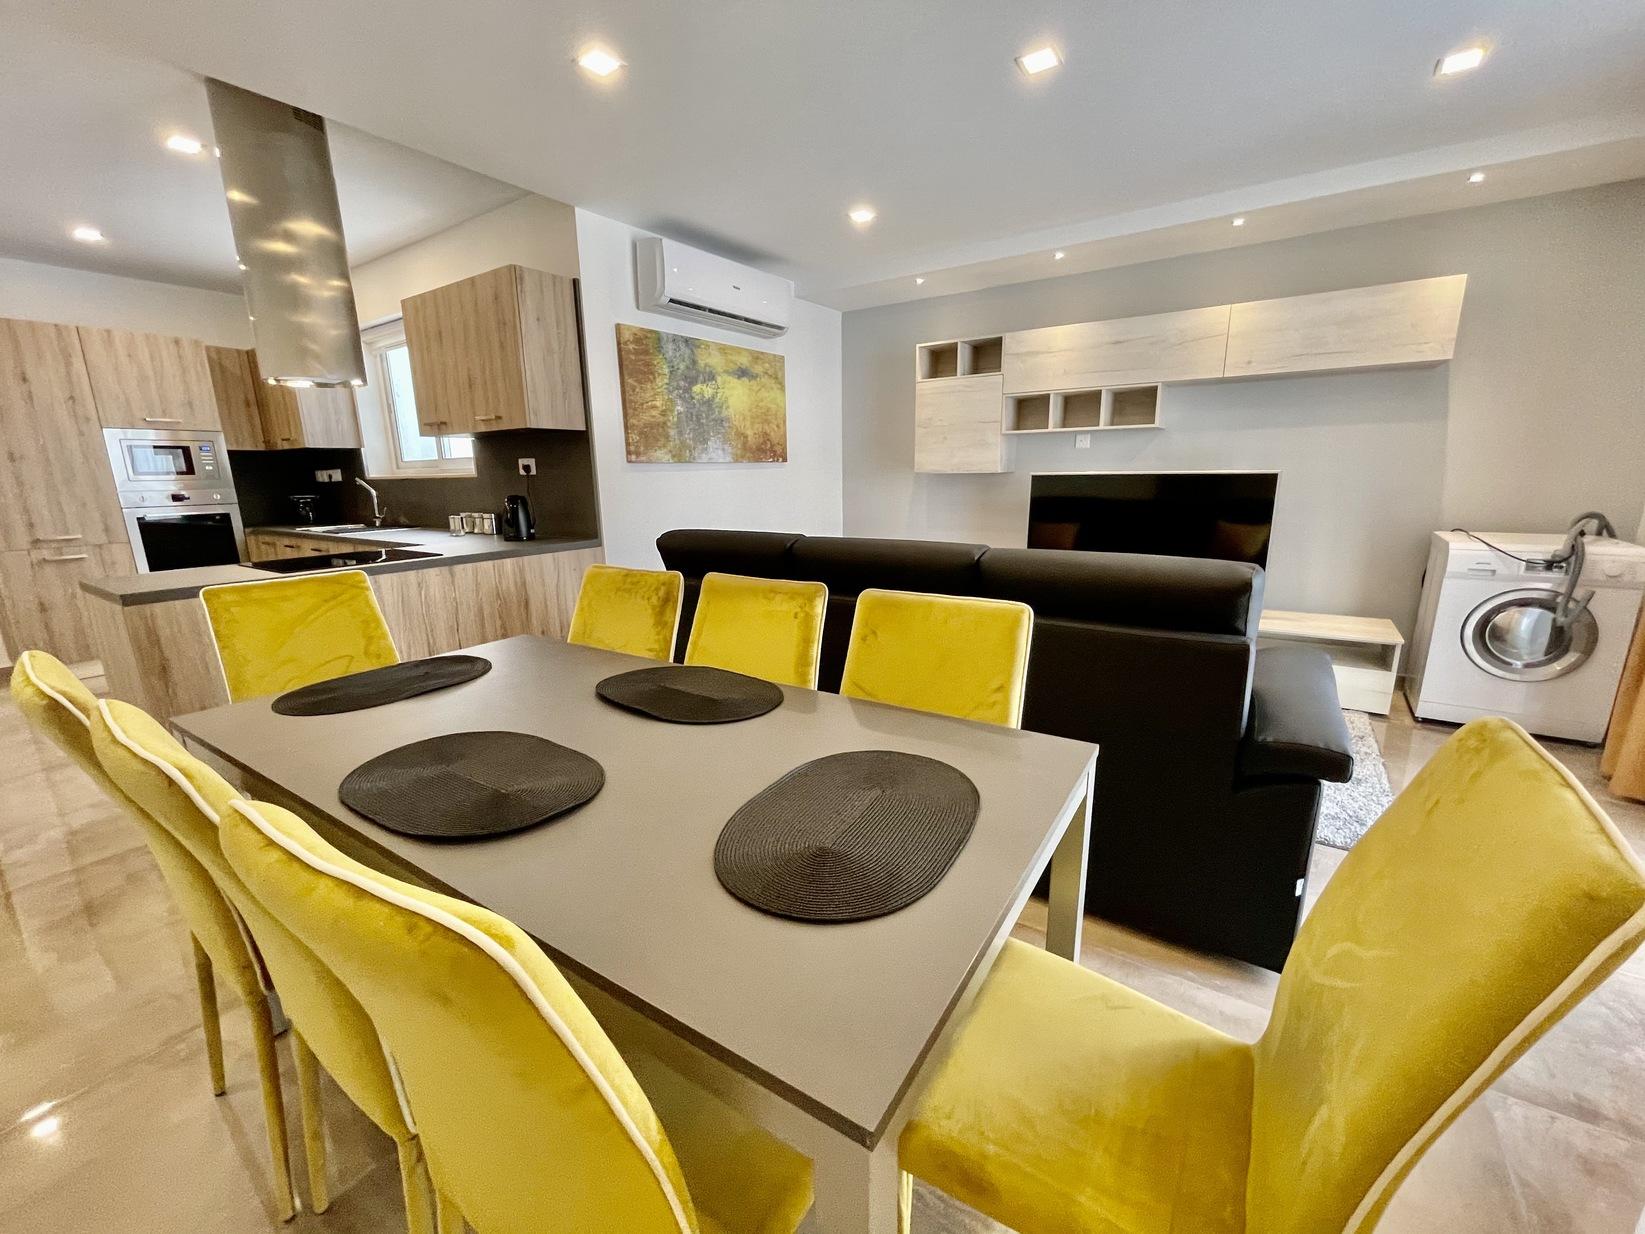 3 bed Apartment For Rent in Pieta, Pieta - thumb 5